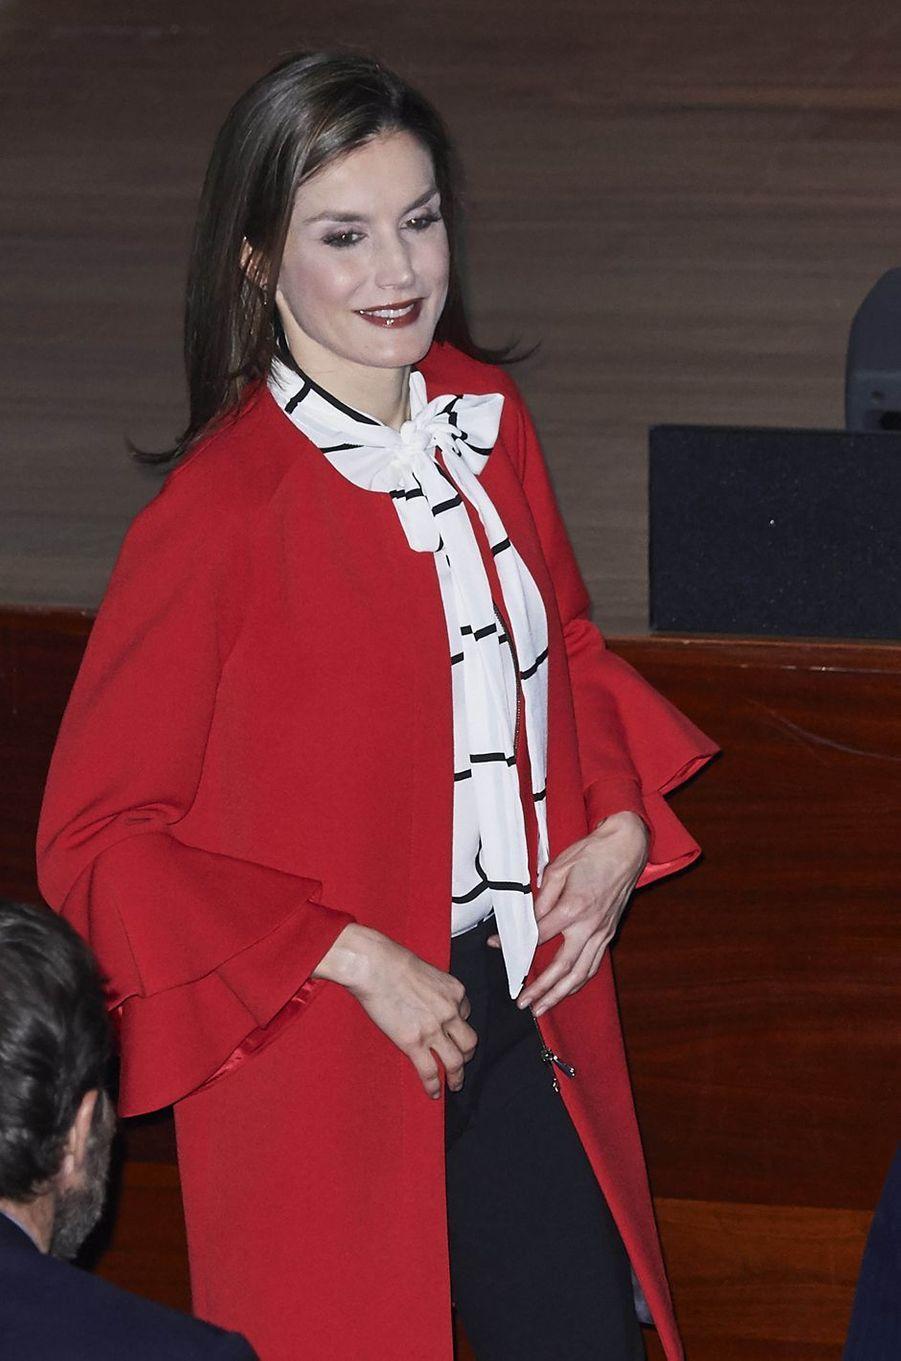 La reine Letizia d'Espagne dans un manteau Zara à volants à Madrid, le 14 mars 2017